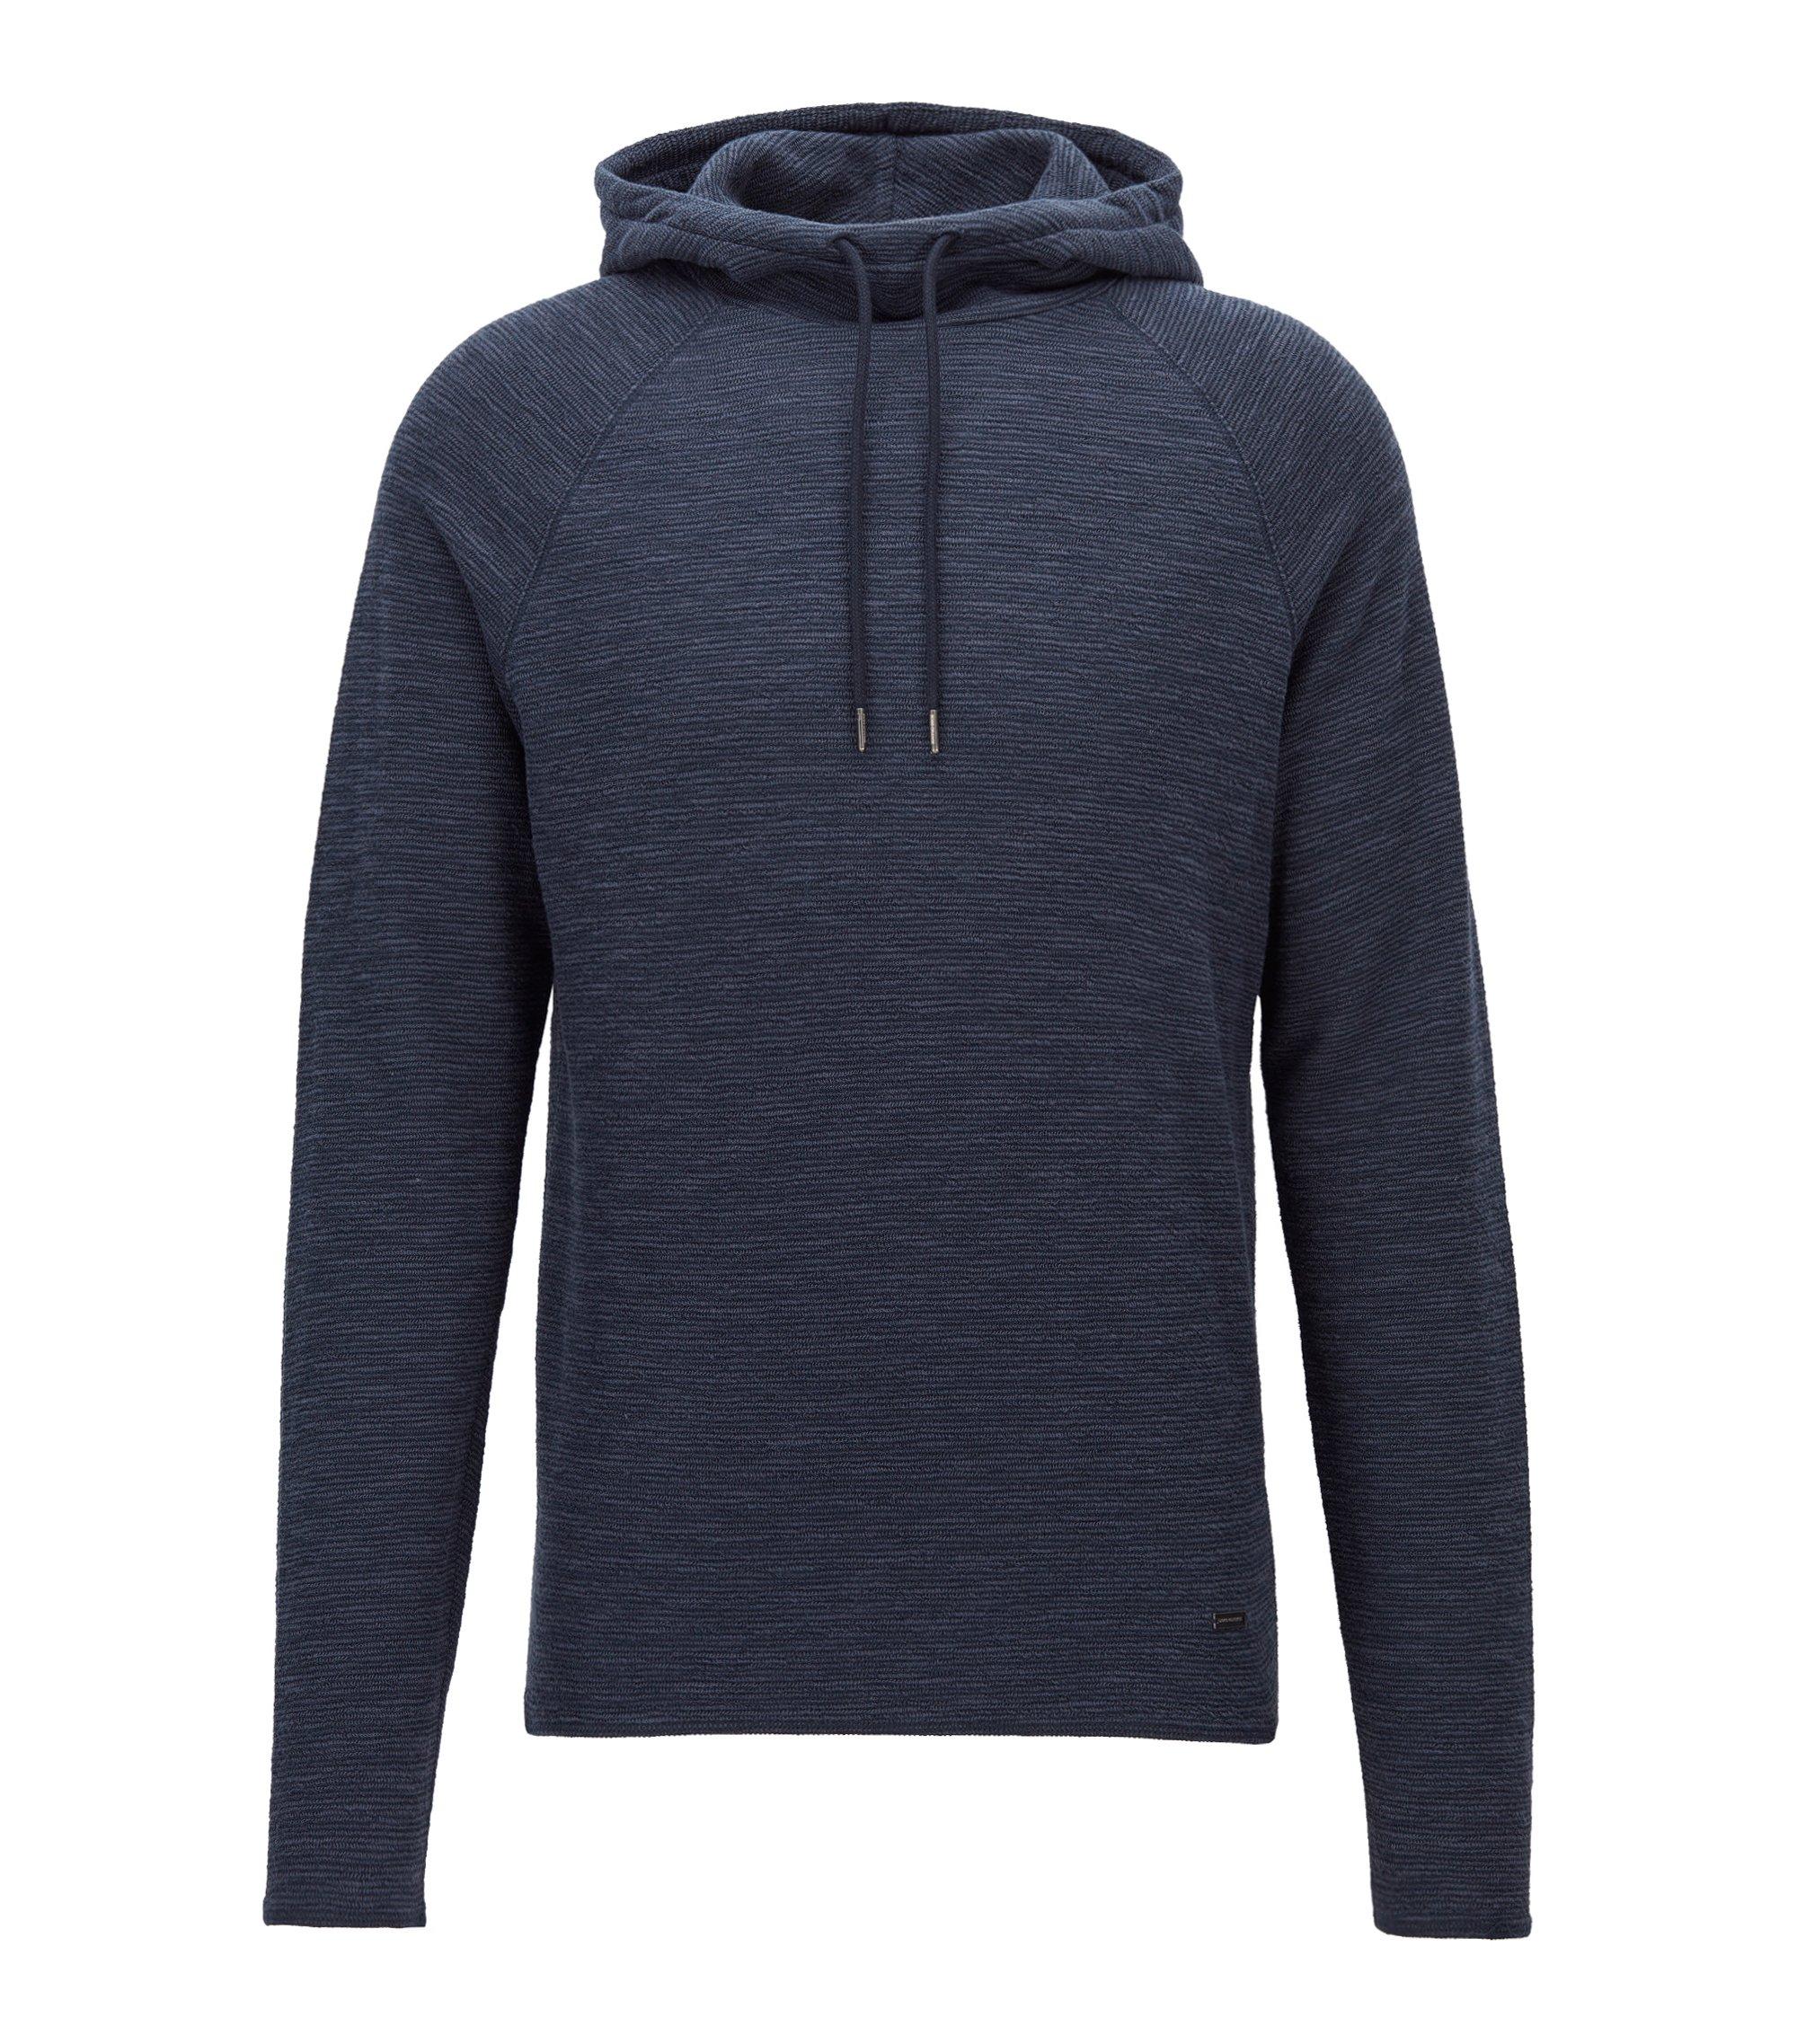 Slim-Fit Kapuzen-Sweatshirt aus strukturiertem Baumwoll-Jersey, Dunkelblau